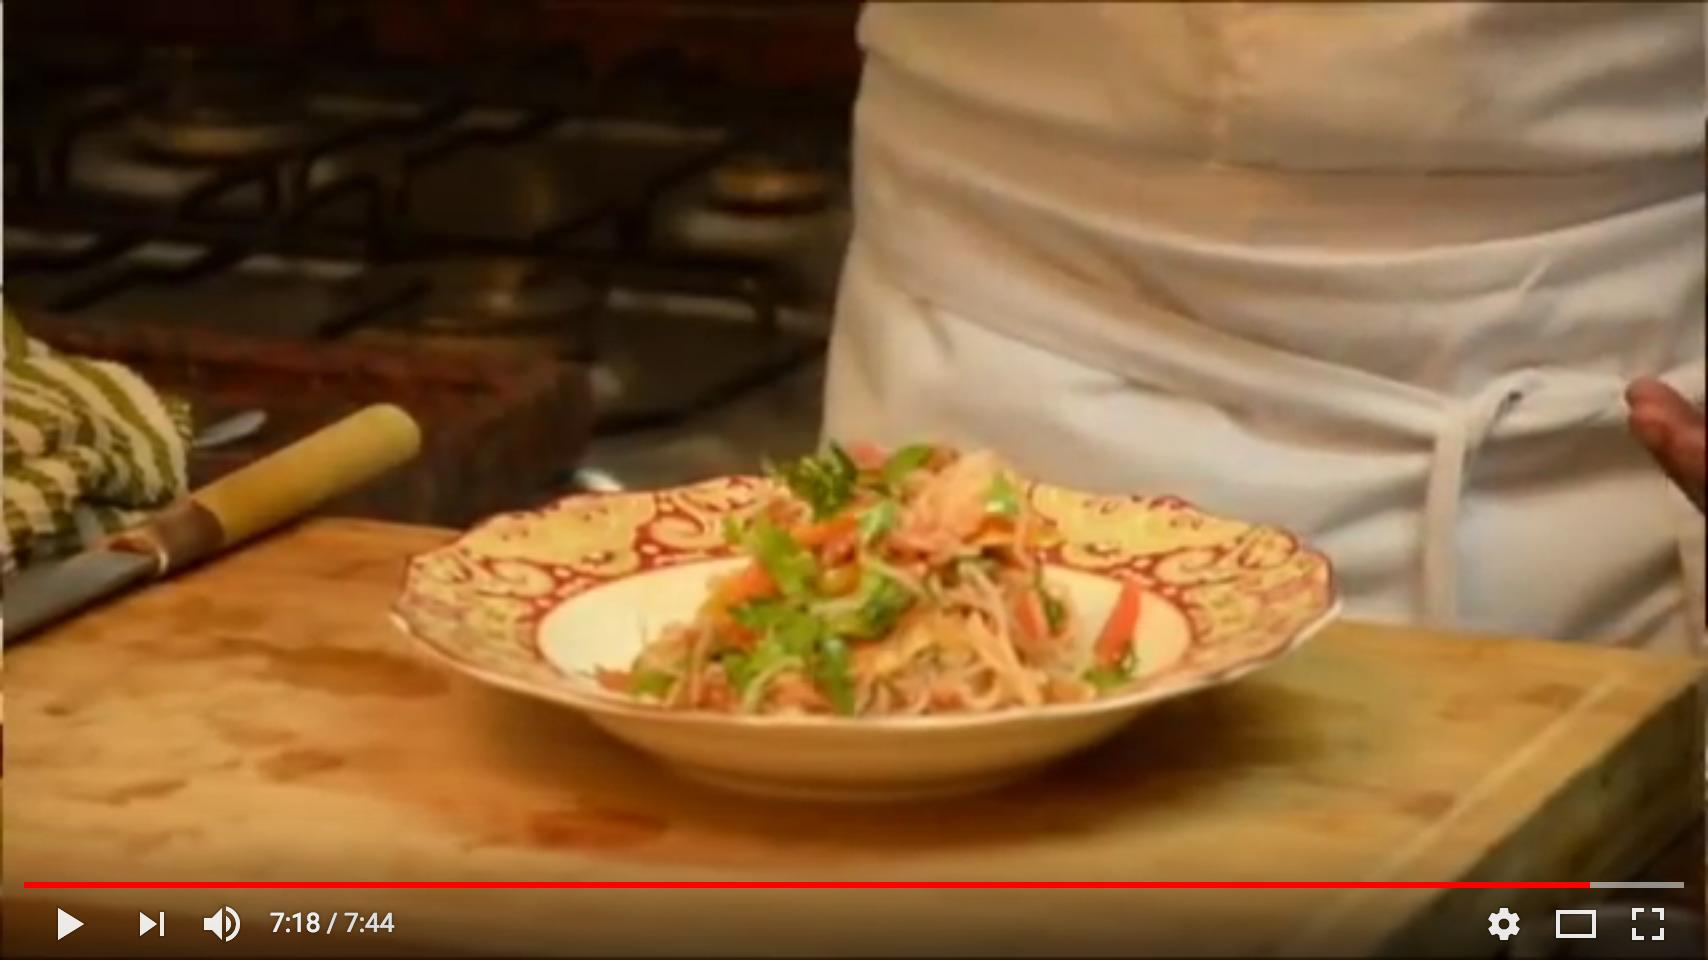 Screenshot-2018-3-7 (31) פינת הבישול של אברהמסון לחיים בריאים יותר (פרק 8) – YouTube